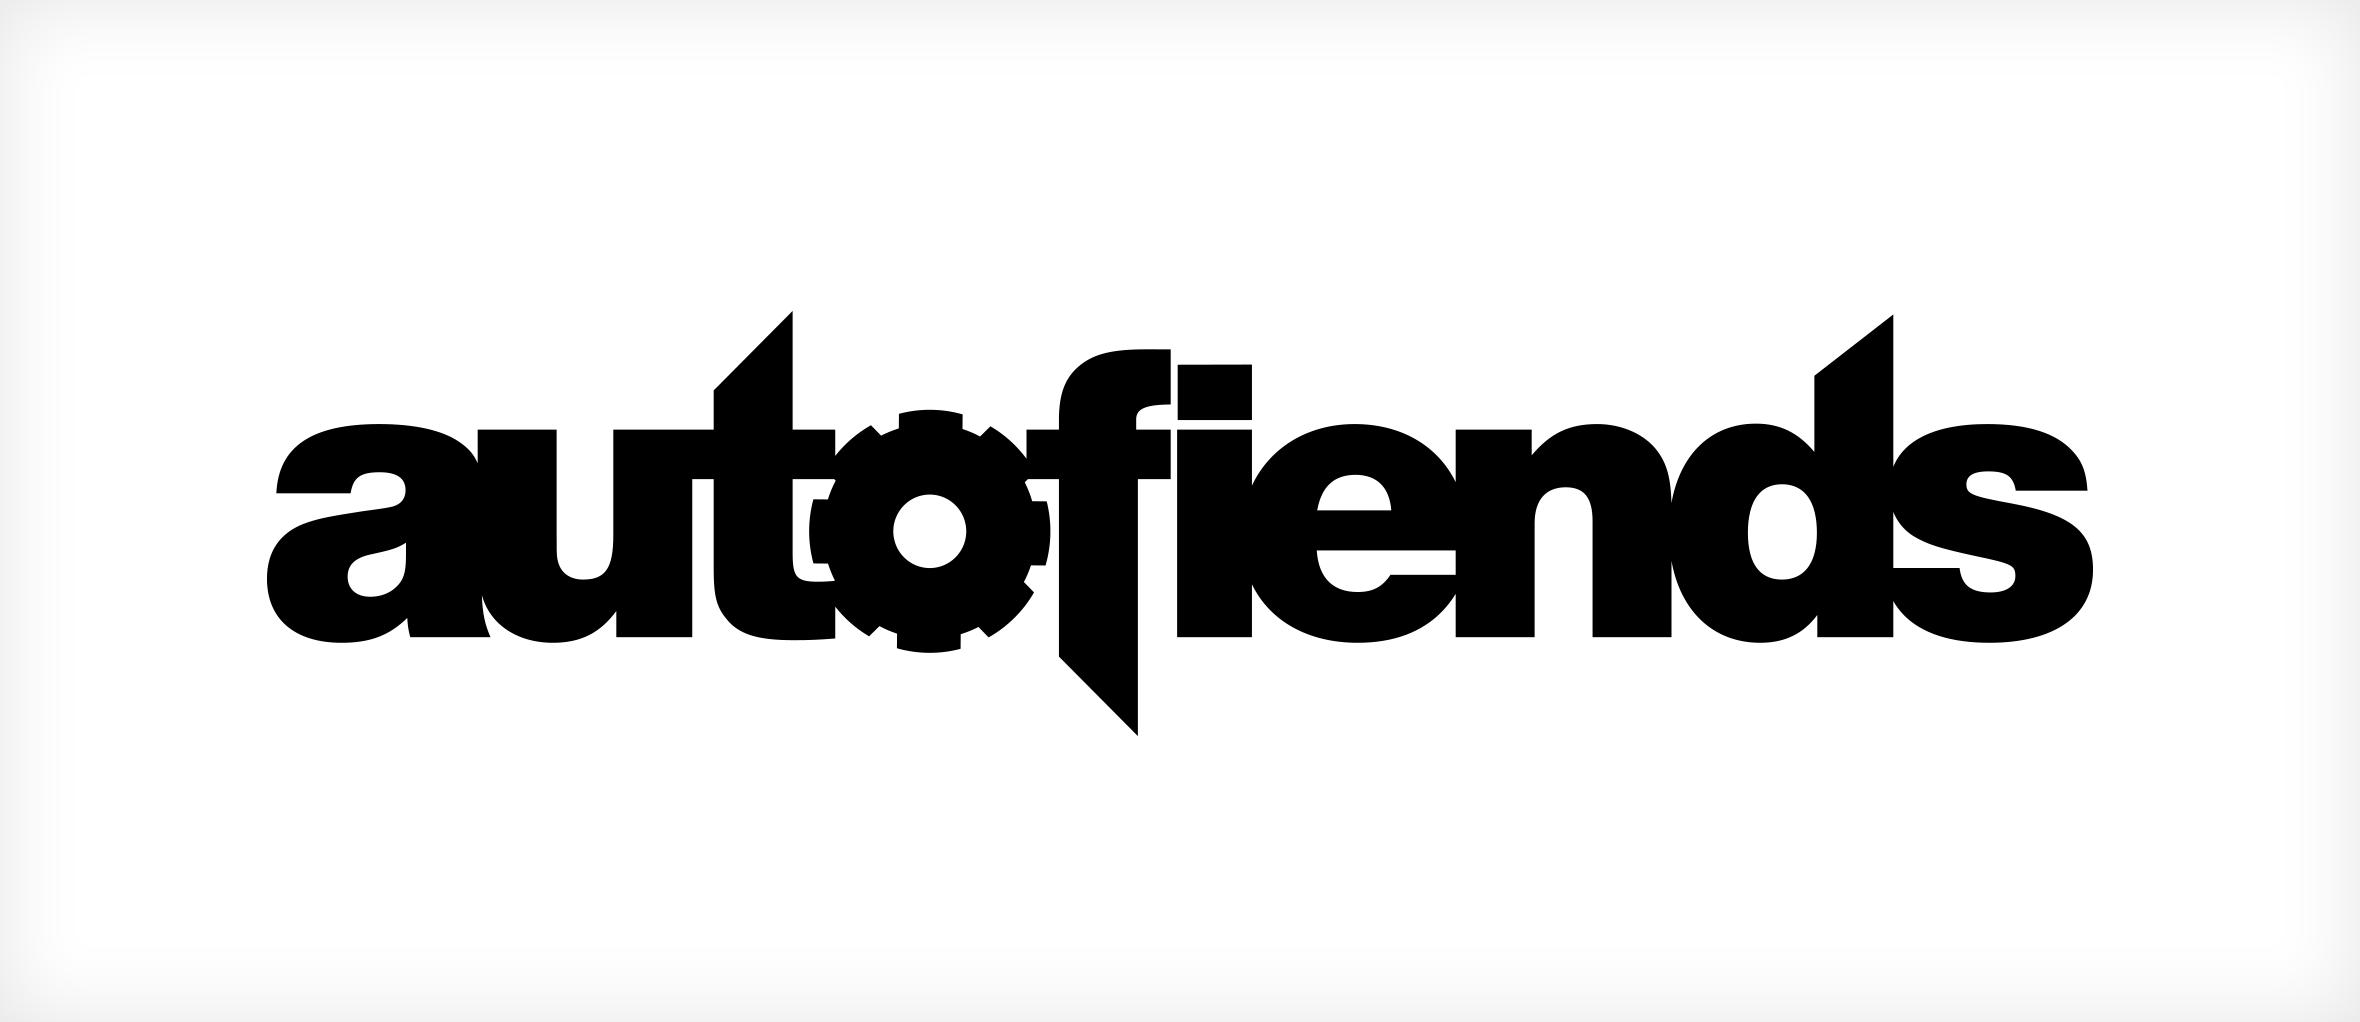 port-autofiends-full-width-half-tall